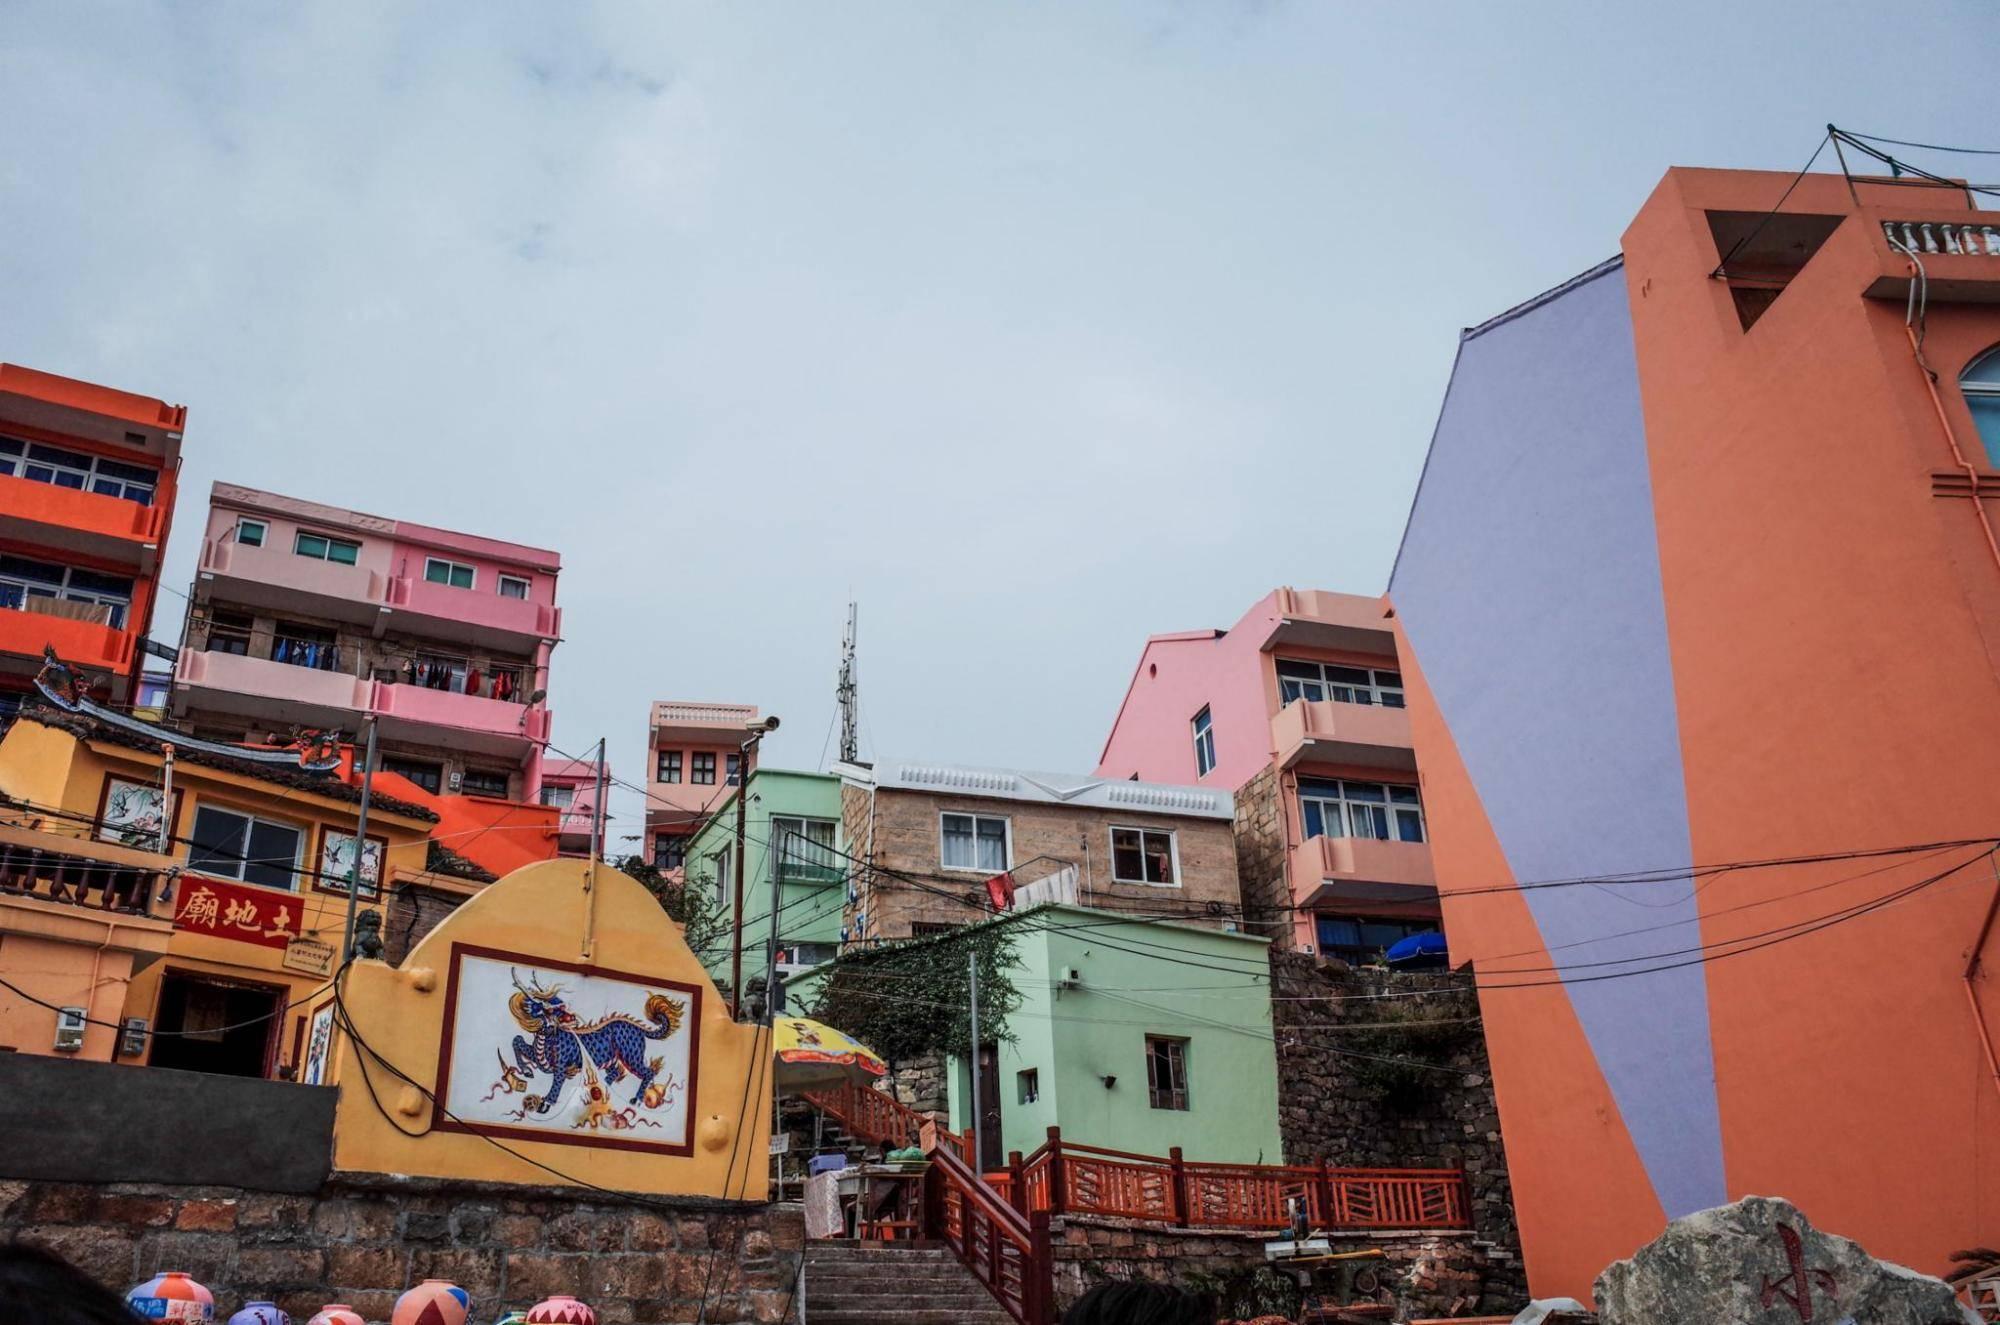 """原创             浙江温岭的小箬村,被大家誉为""""童话世界"""",游客却表示差距很大"""